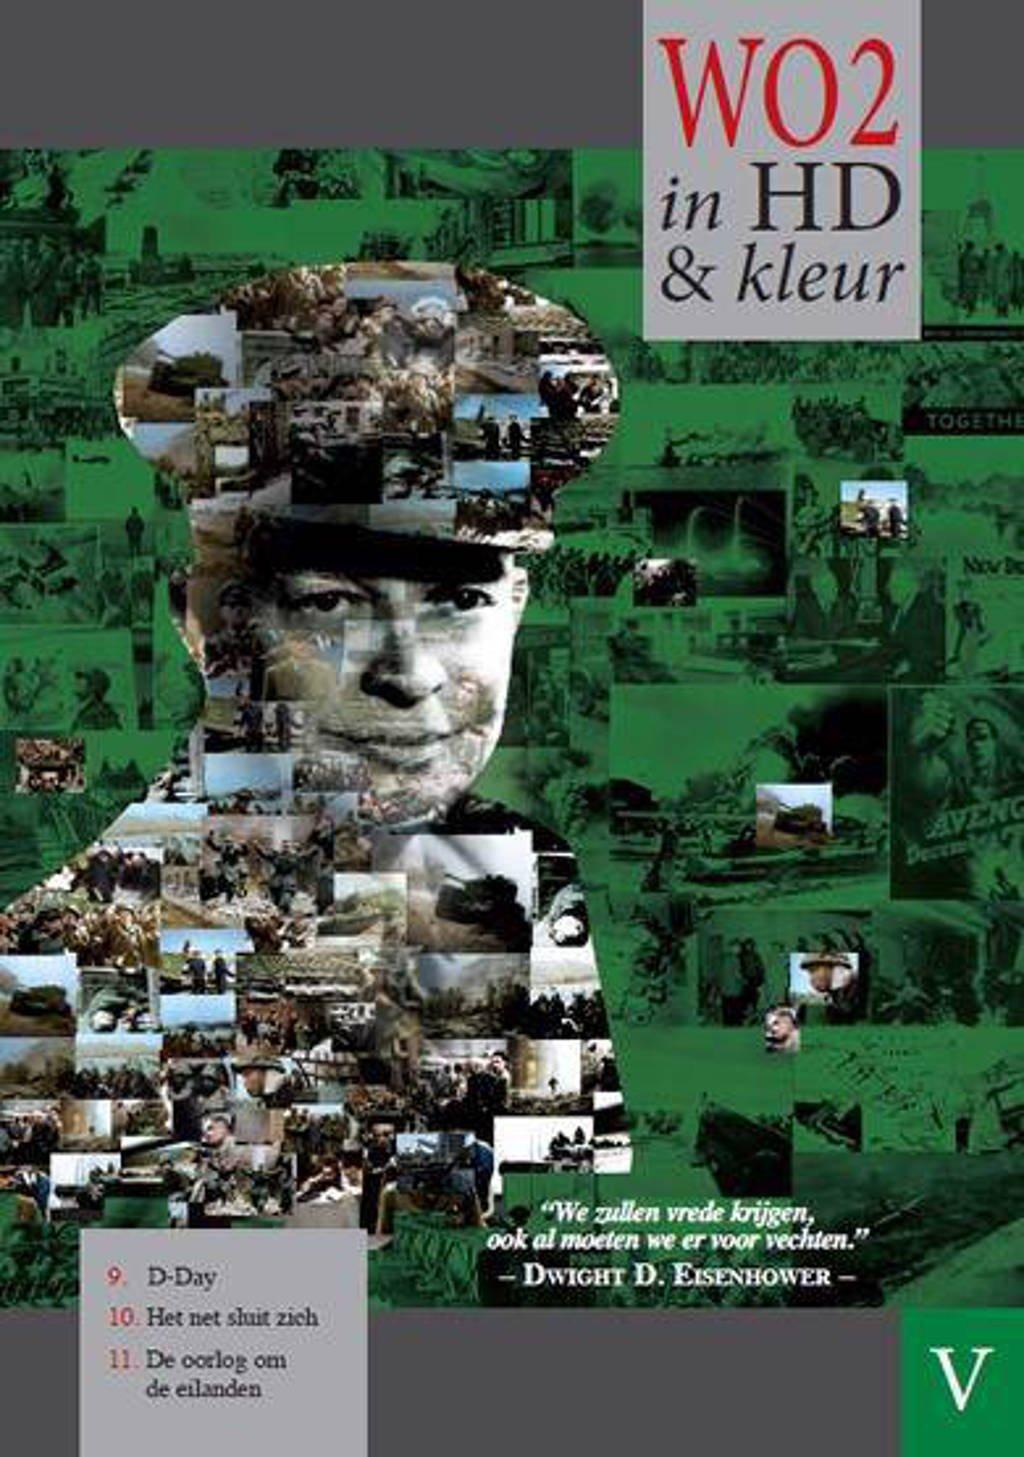 Wereld oorlog 2 in HD & kleur 5 (DVD)